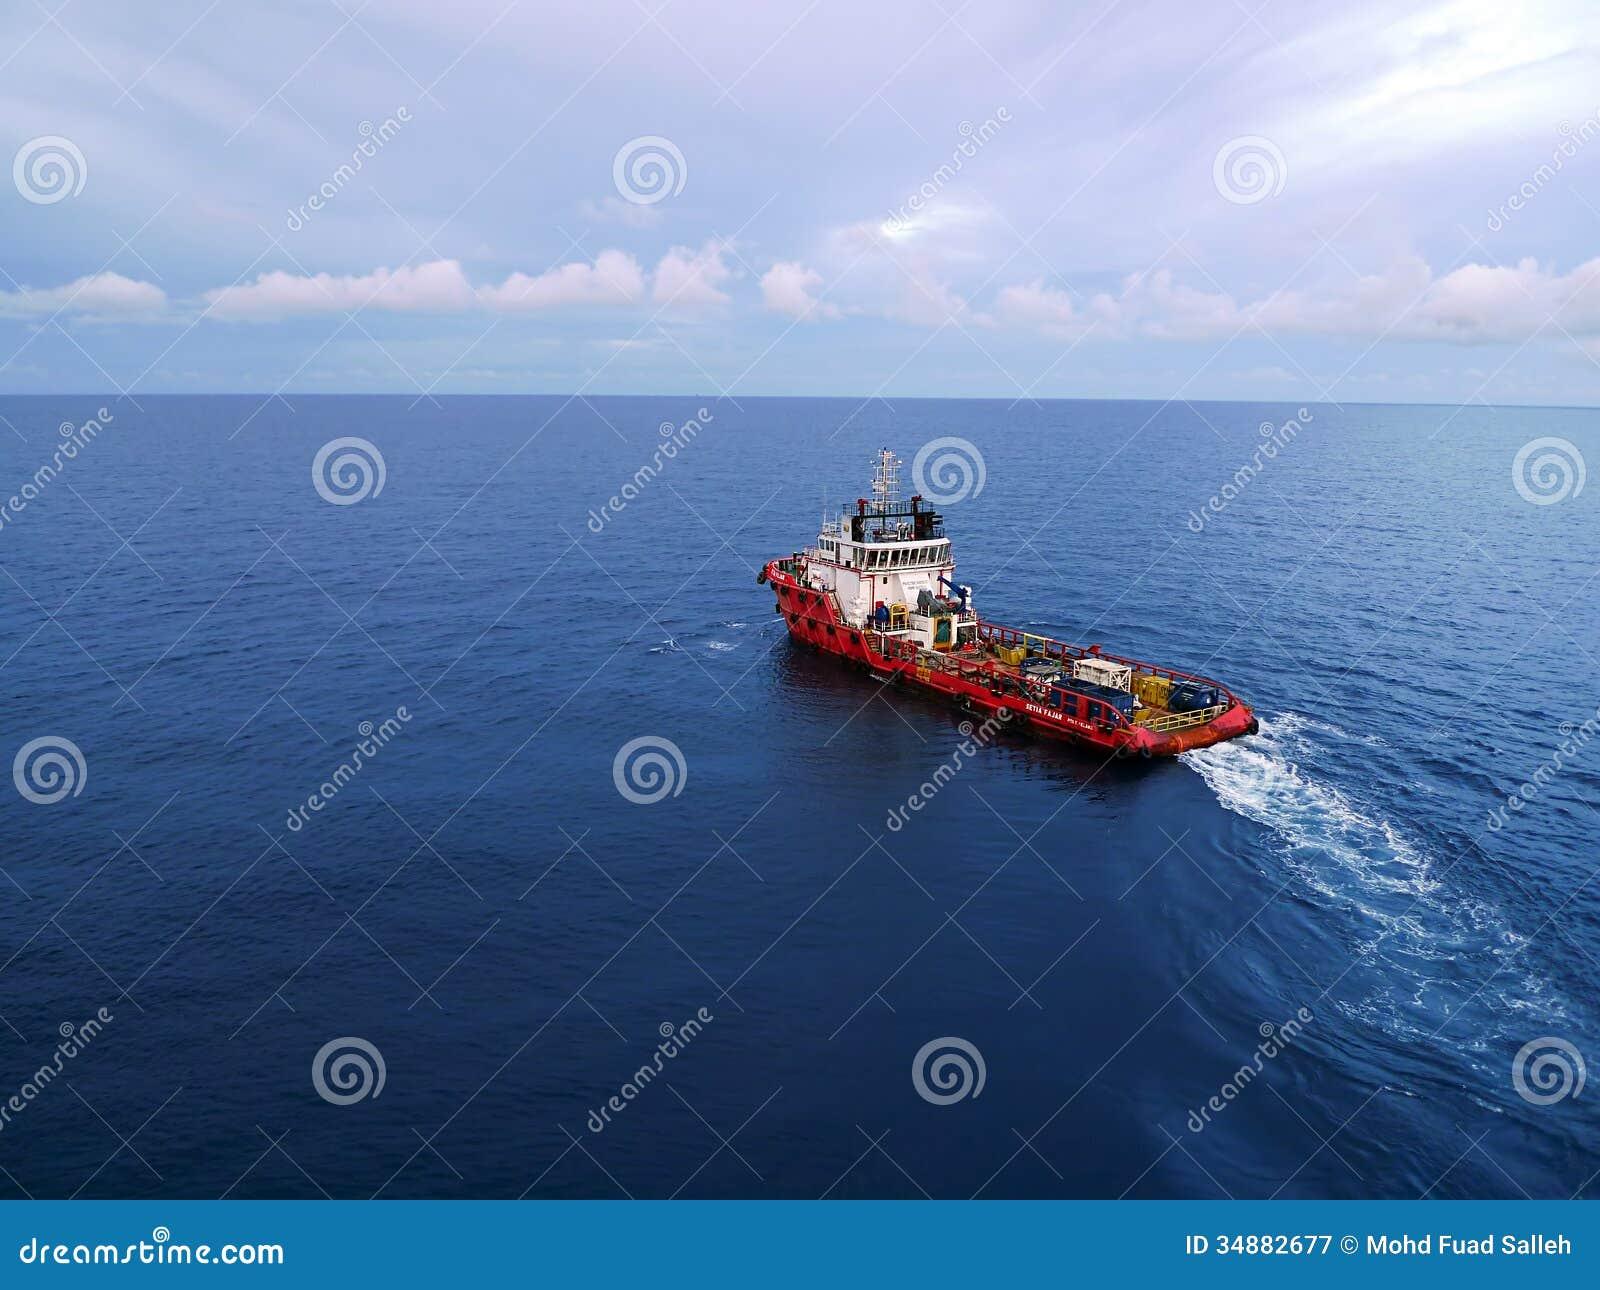 Industrielle Mannschaft und Versorgungsschiff für Öl und Gas von